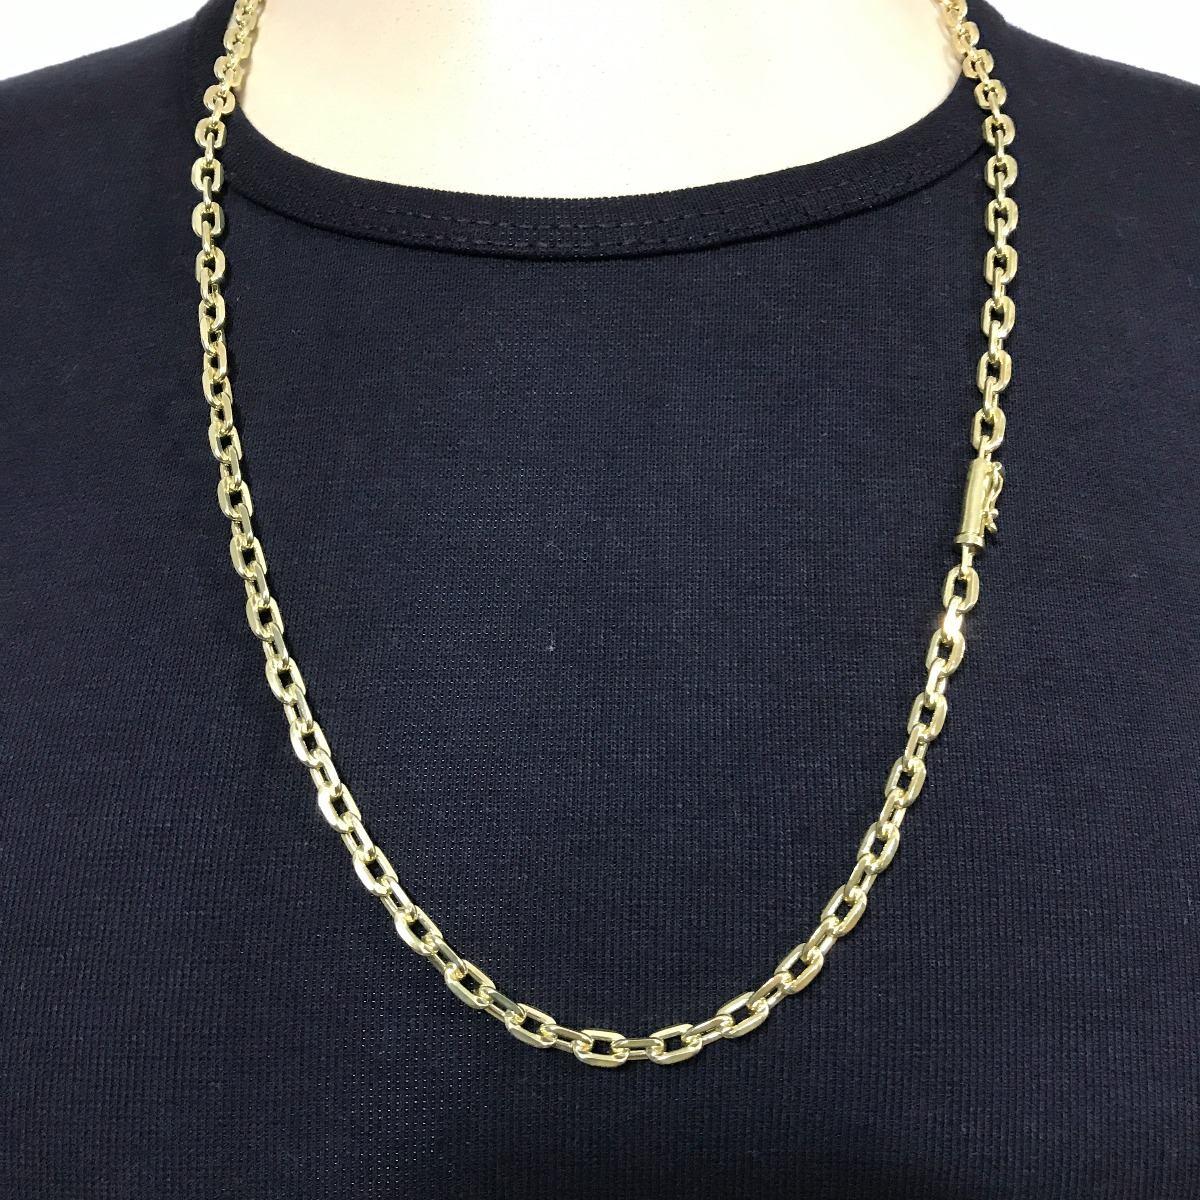 c7230444343 corrente+ pulseira cartie banhado ouro 18k fecho gaveta 70cm. Carregando  zoom.